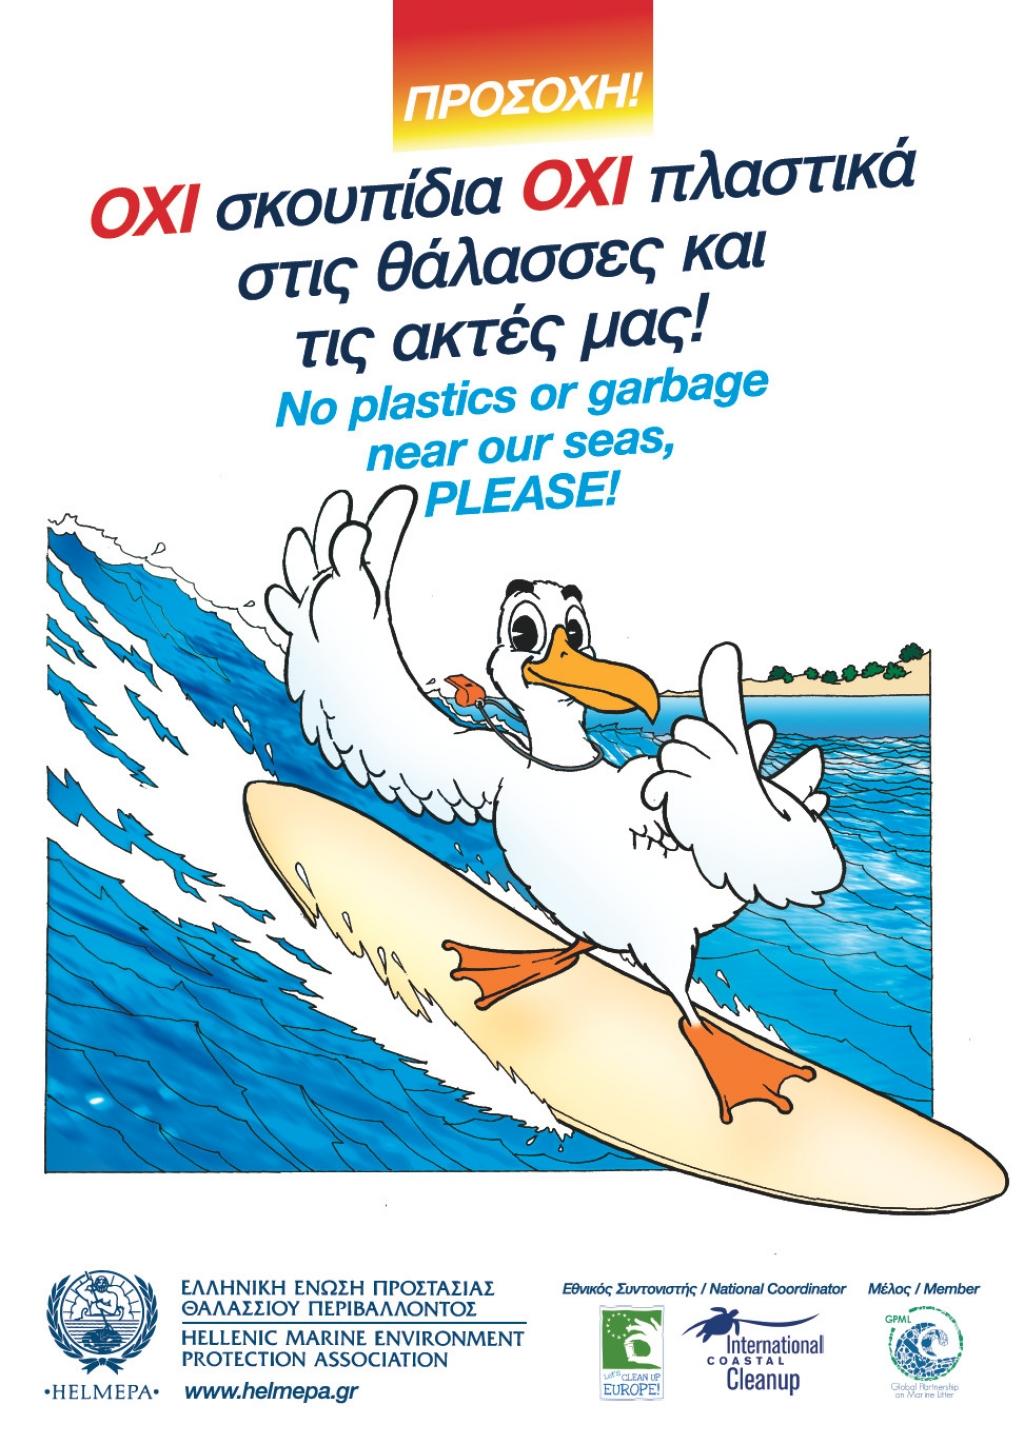 Παγκόσμια Ημέρα Περιβάλλοντος 2020:  Καιρός για τη Φύση (Time for Nature), χωρίς σκουπίδια και πλαστικά!